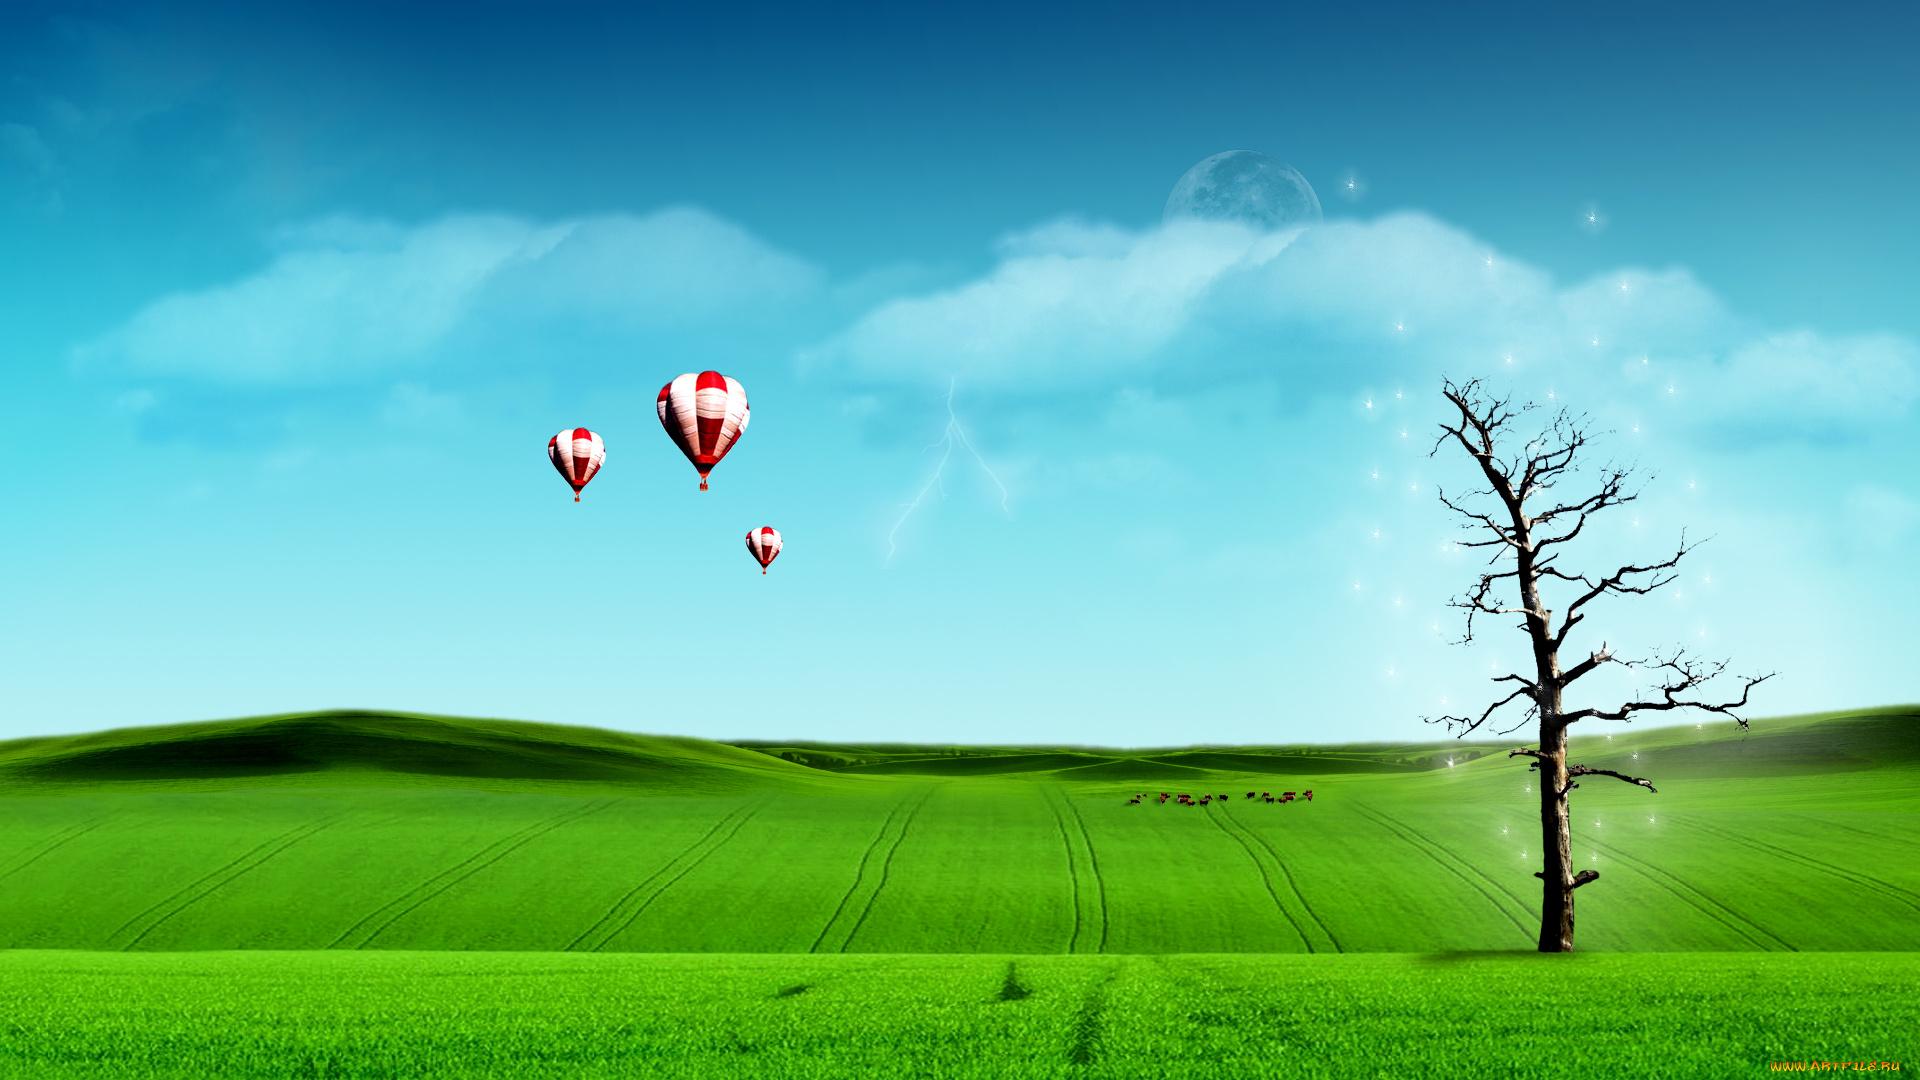 поле дерево  № 3020598 бесплатно